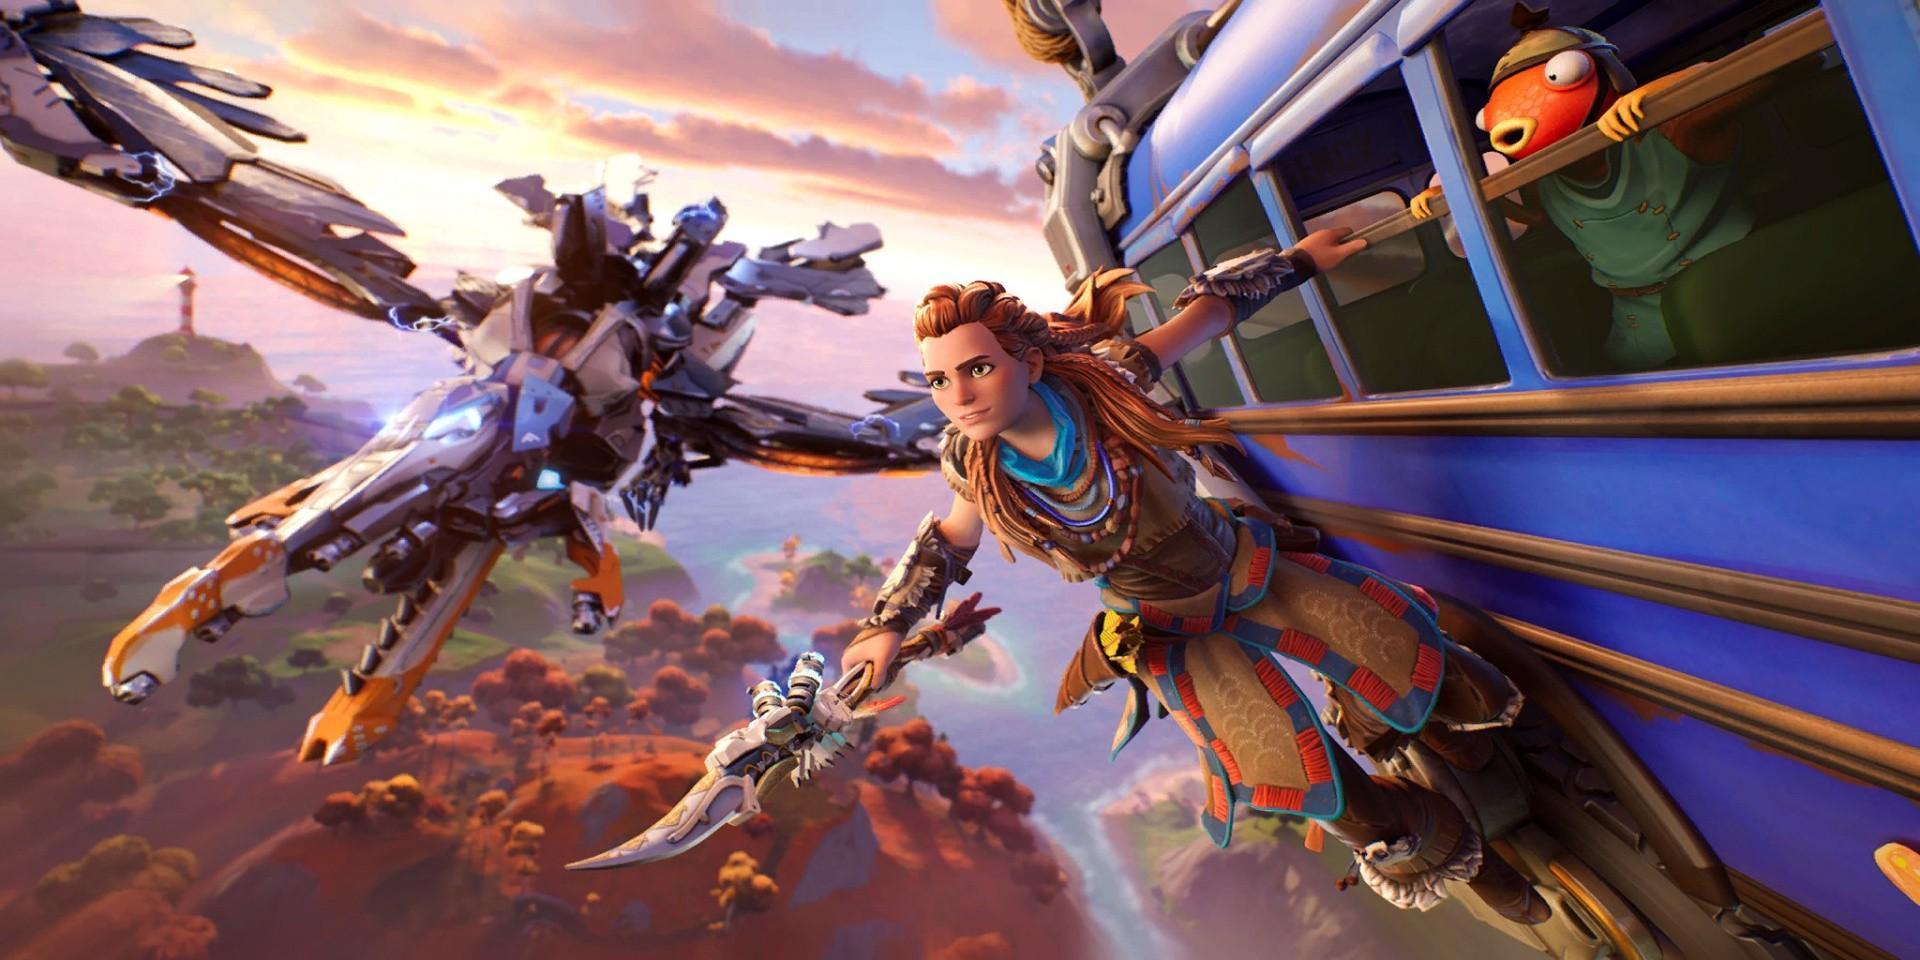 Fortnite – на этой неделе в игре появится Элой из Horizon Zero Dawn 5